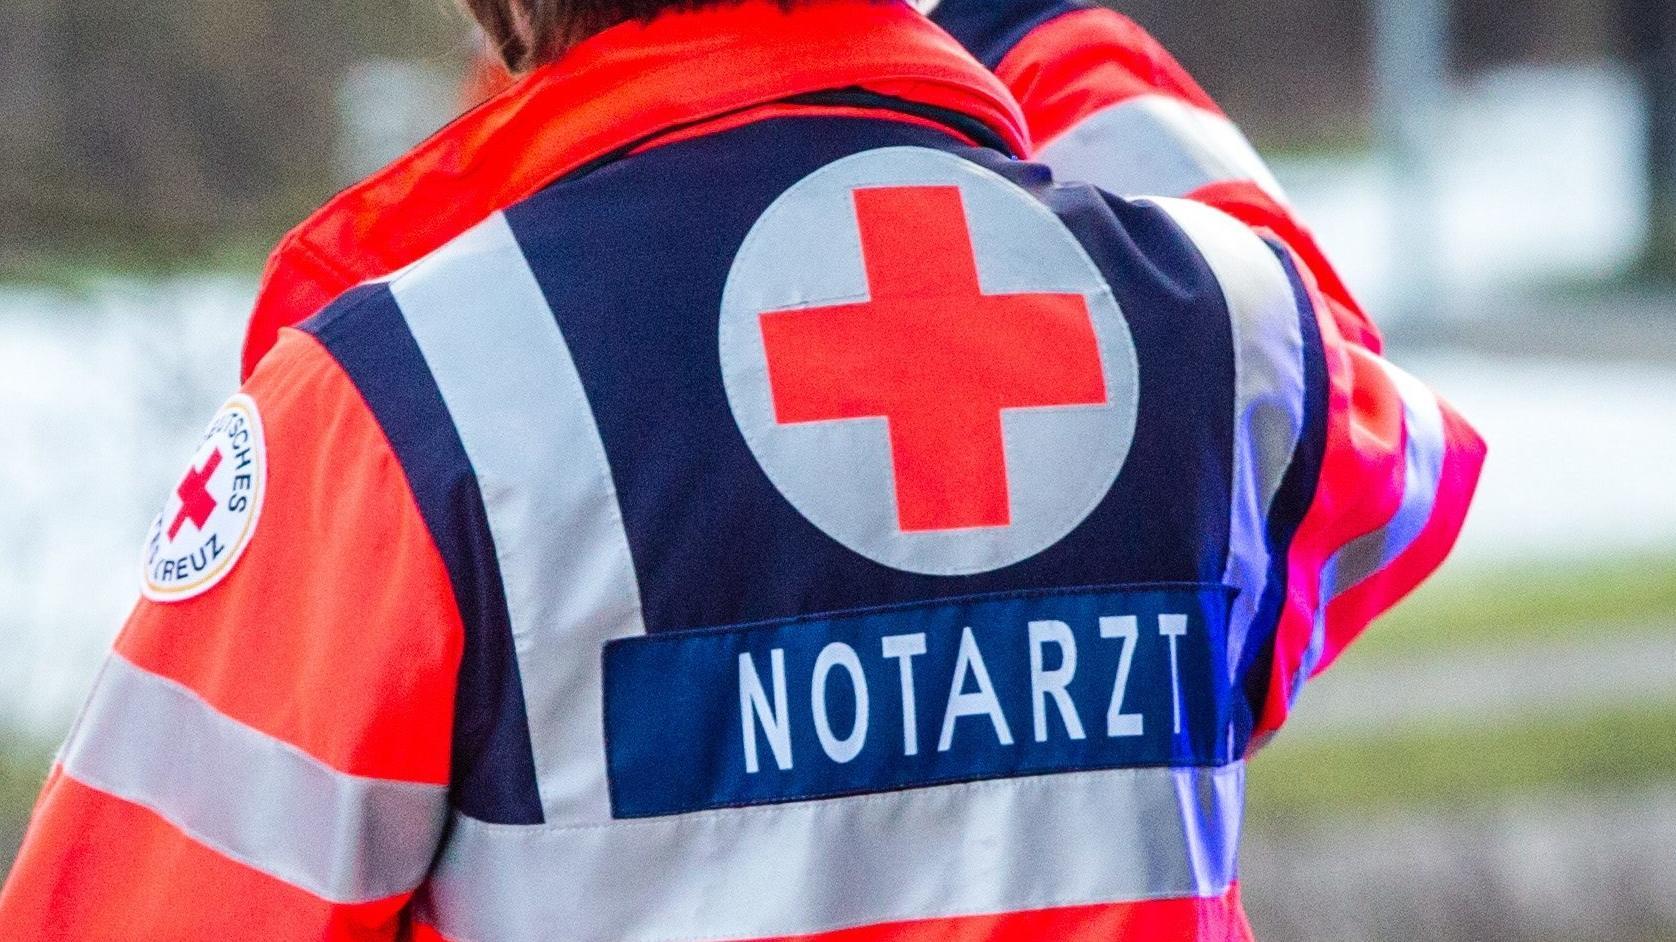 Symbolbild Notarzt